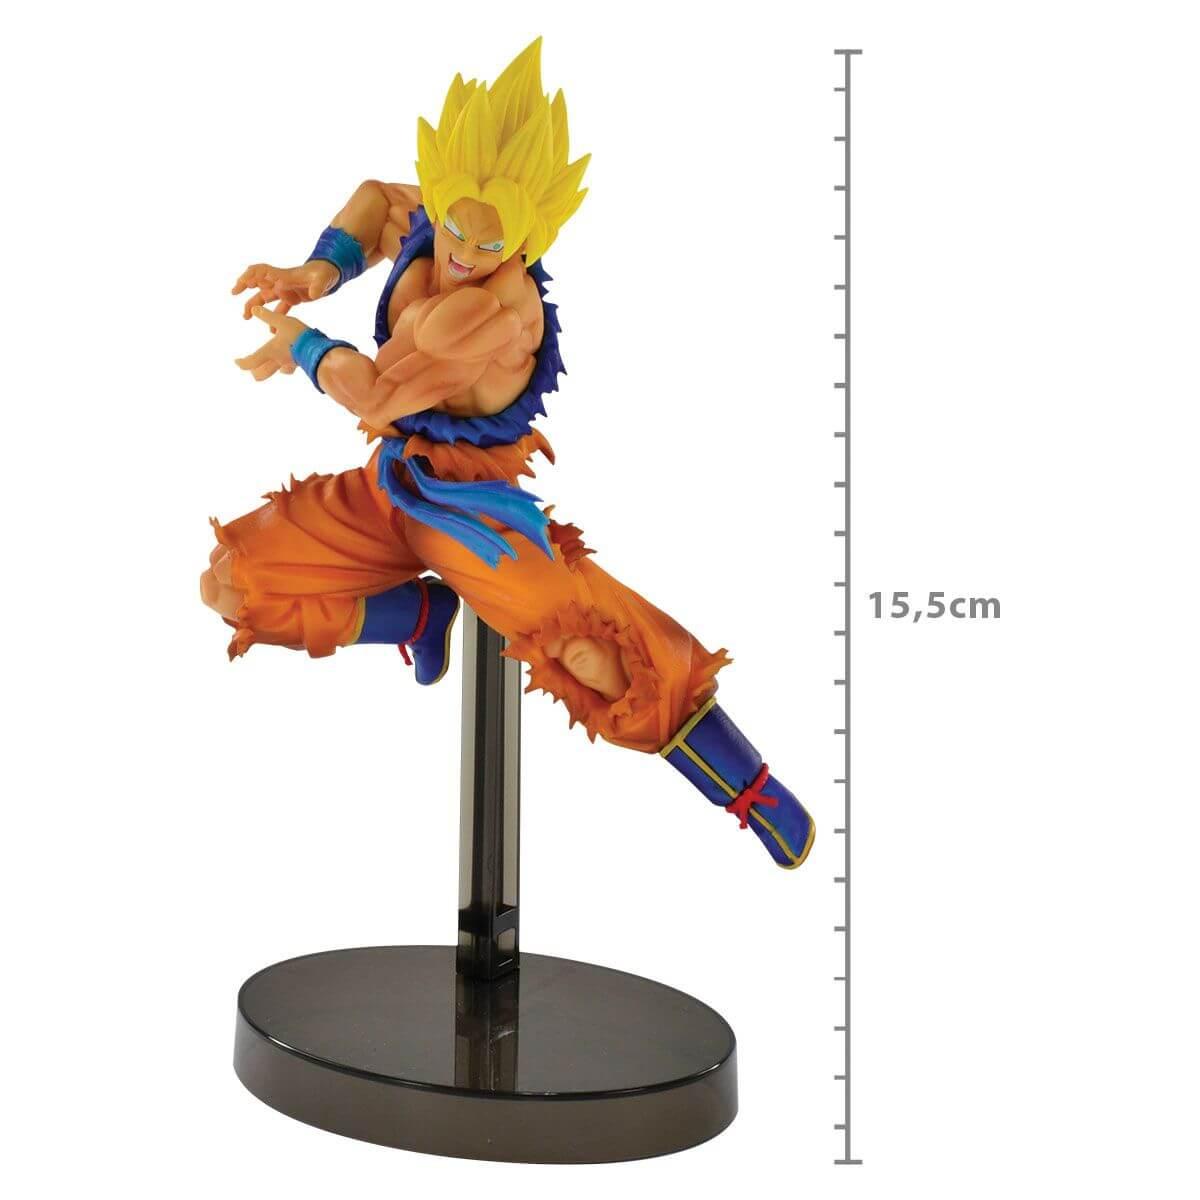 Dragon Ball Super - Super Saiyan Son Goku - Z Battle - Banpresto